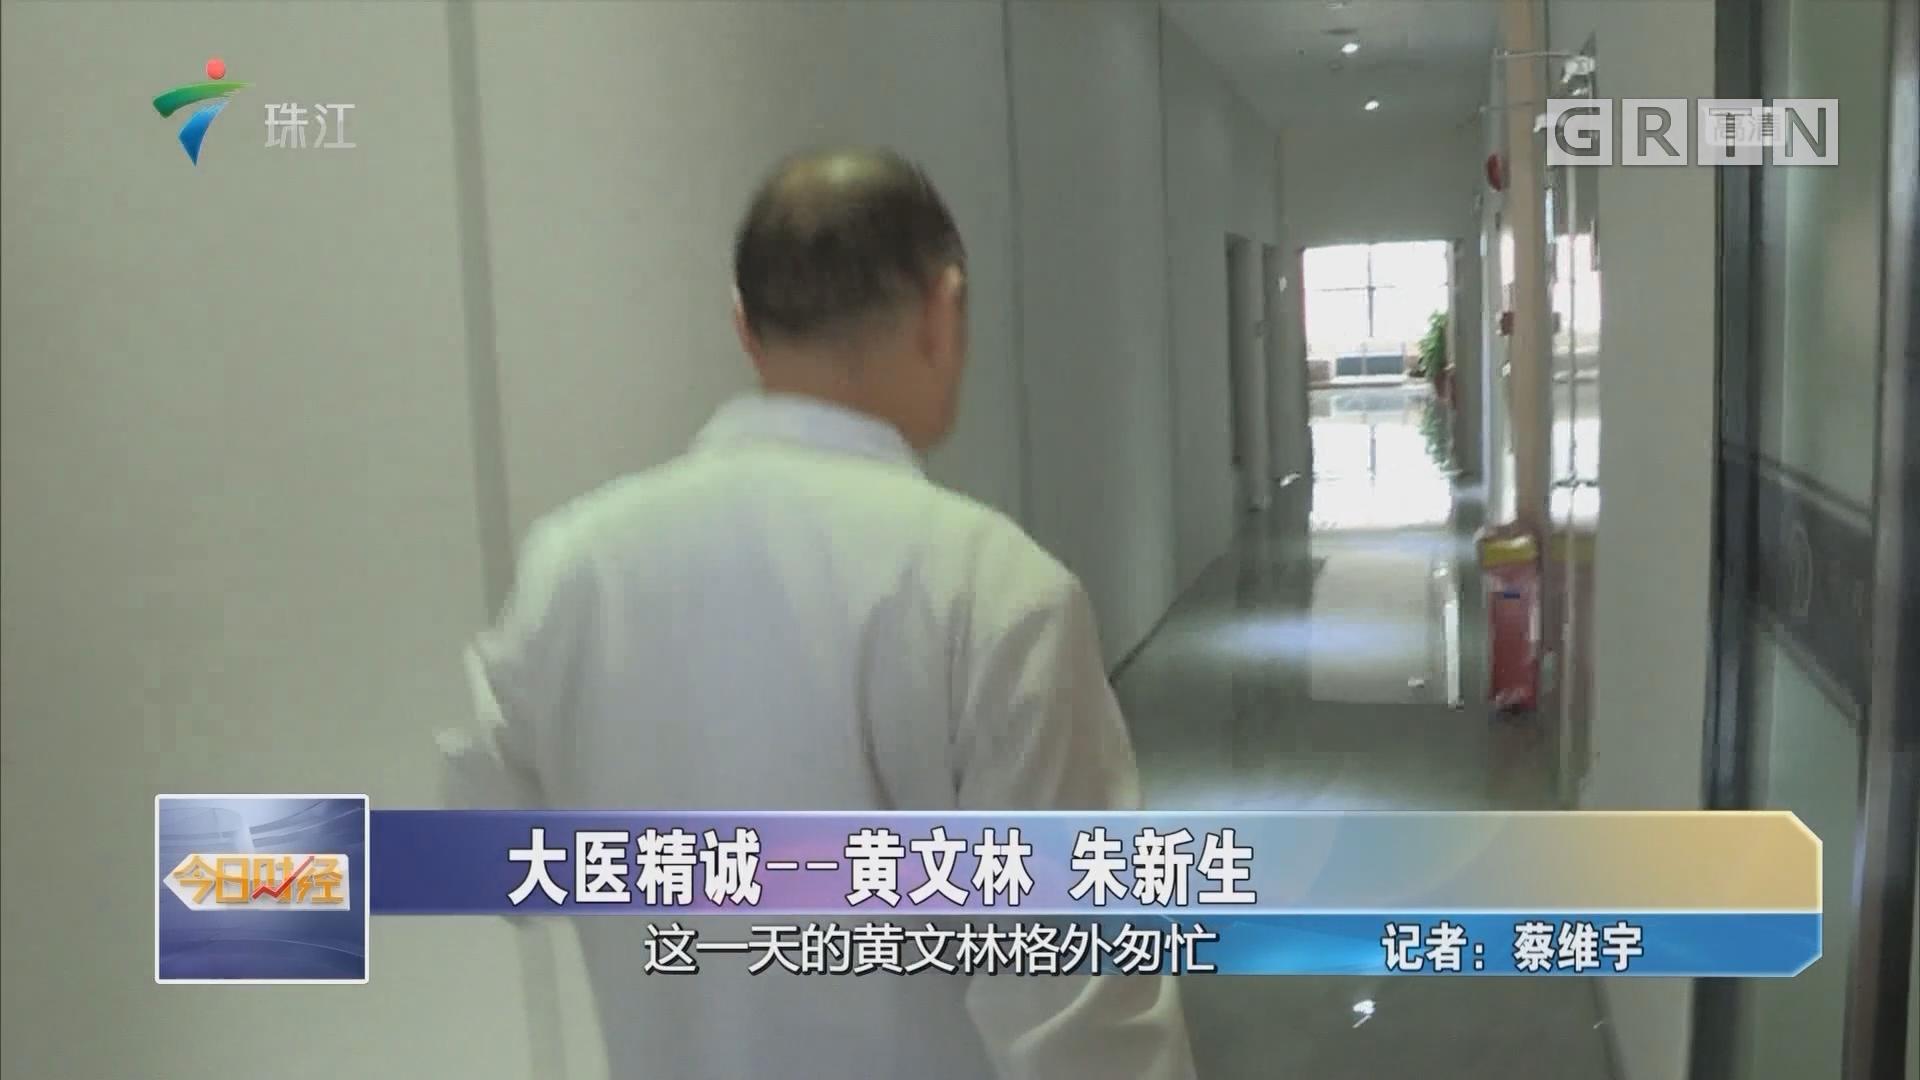 大医精诚——黄文林 朱新生